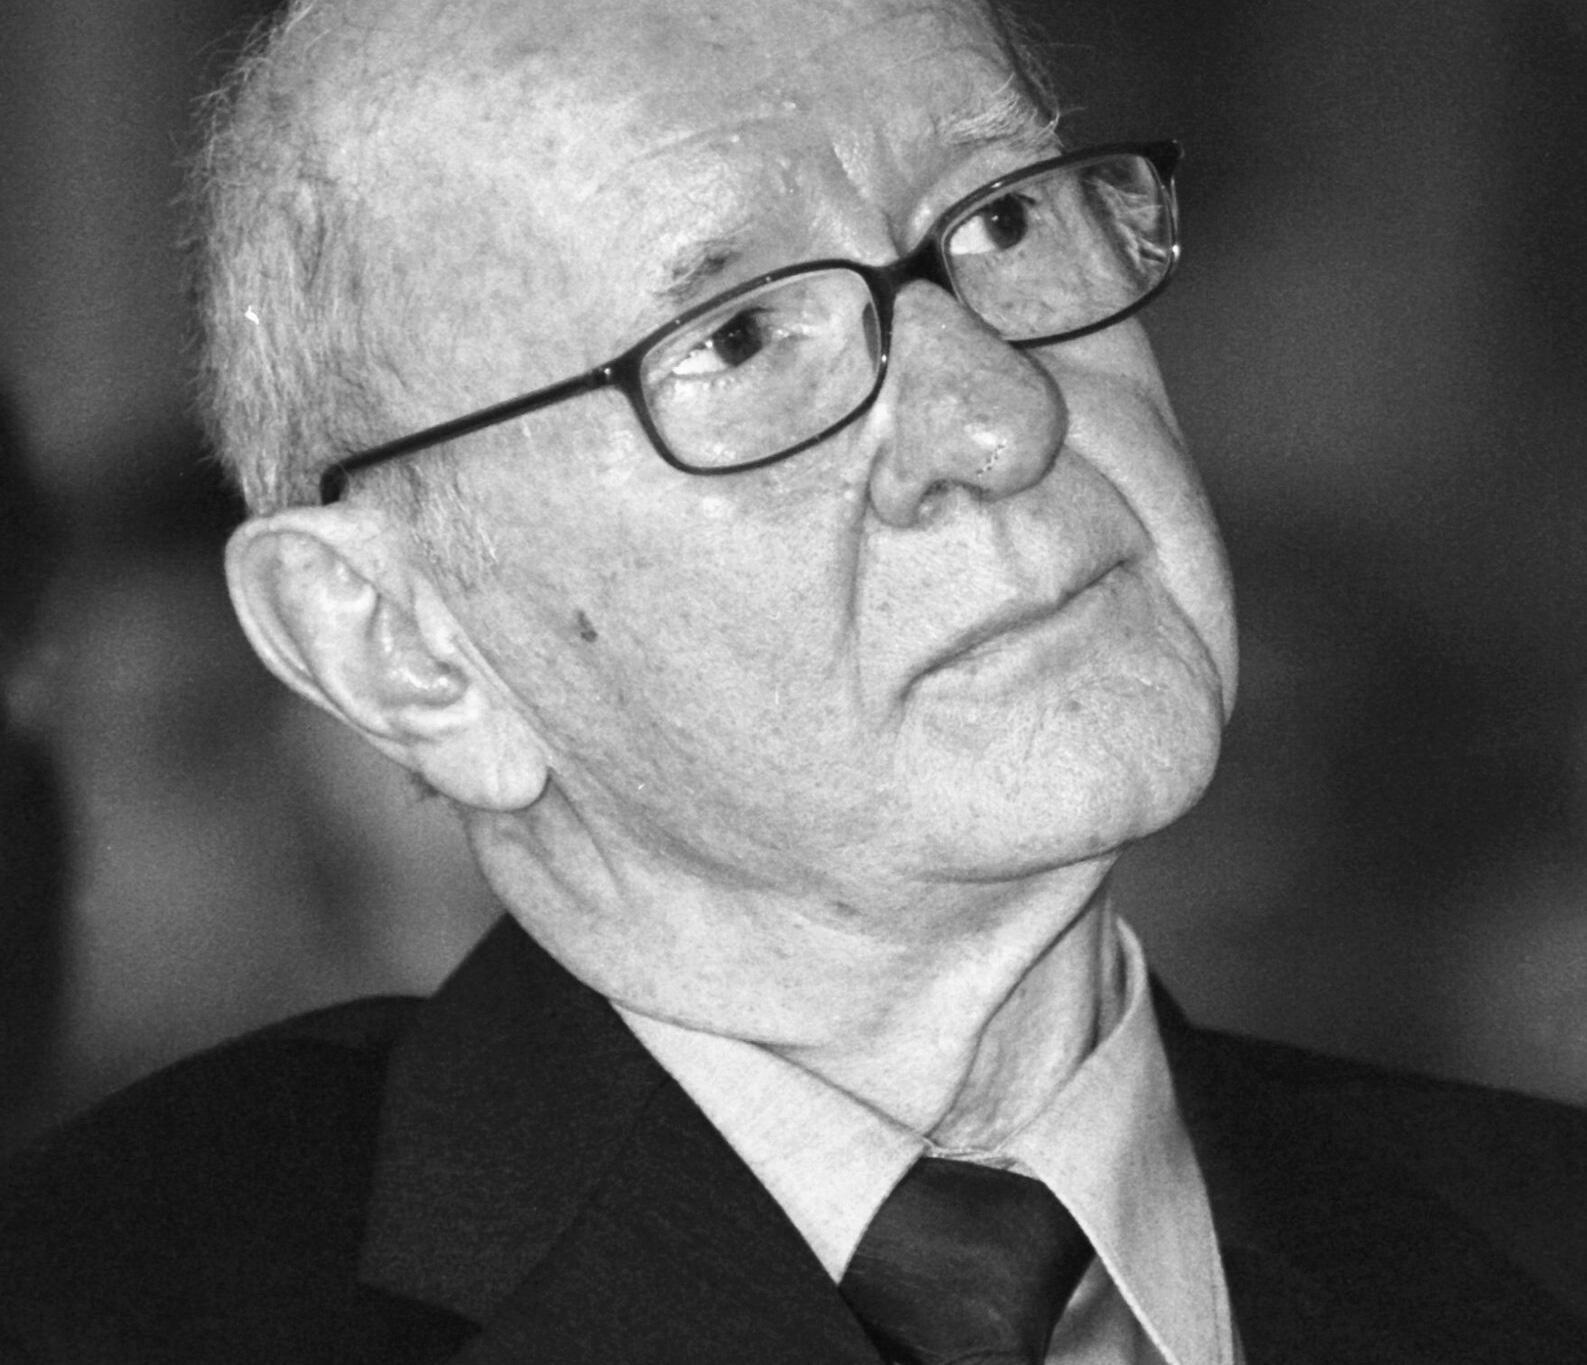 Bild zu Schriftsteller Werner Heiduczek im Alter von 92 Jahren gestorben